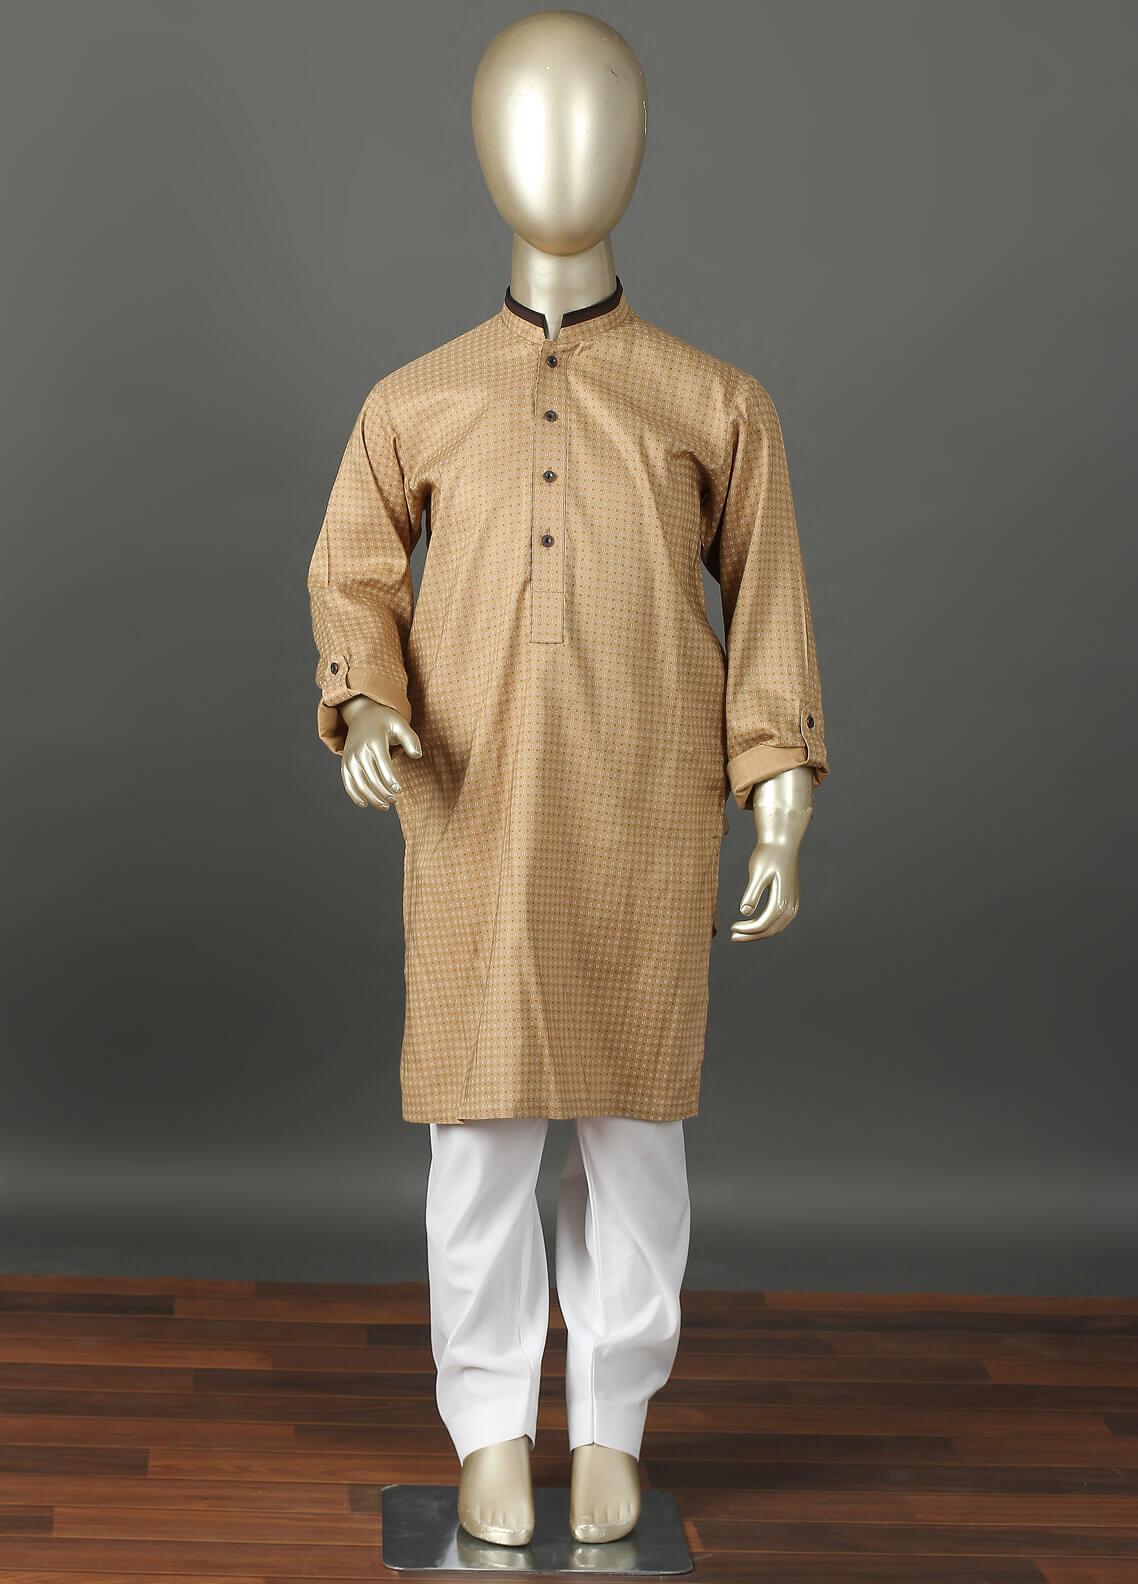 Aizaz Zafar Cotton Formal Kurta Shalwar for Boys -  220 Khaki